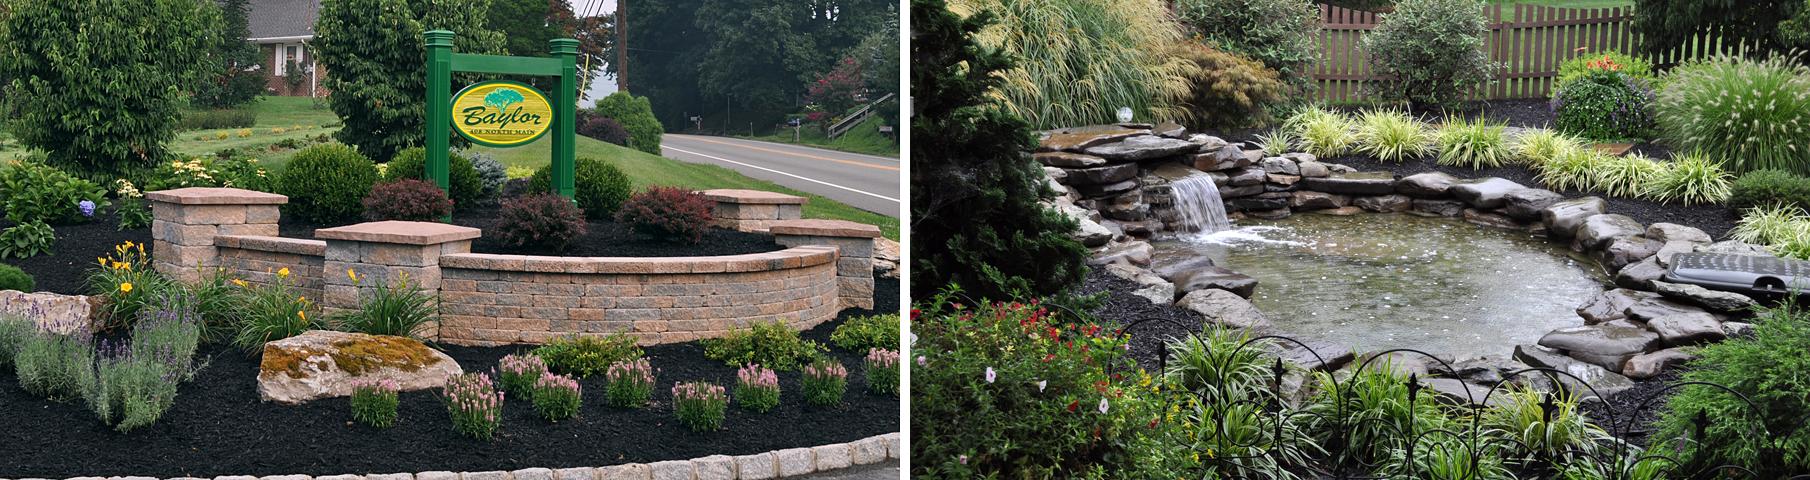 Baylor's Landscaping Services - Stewartsville NJ